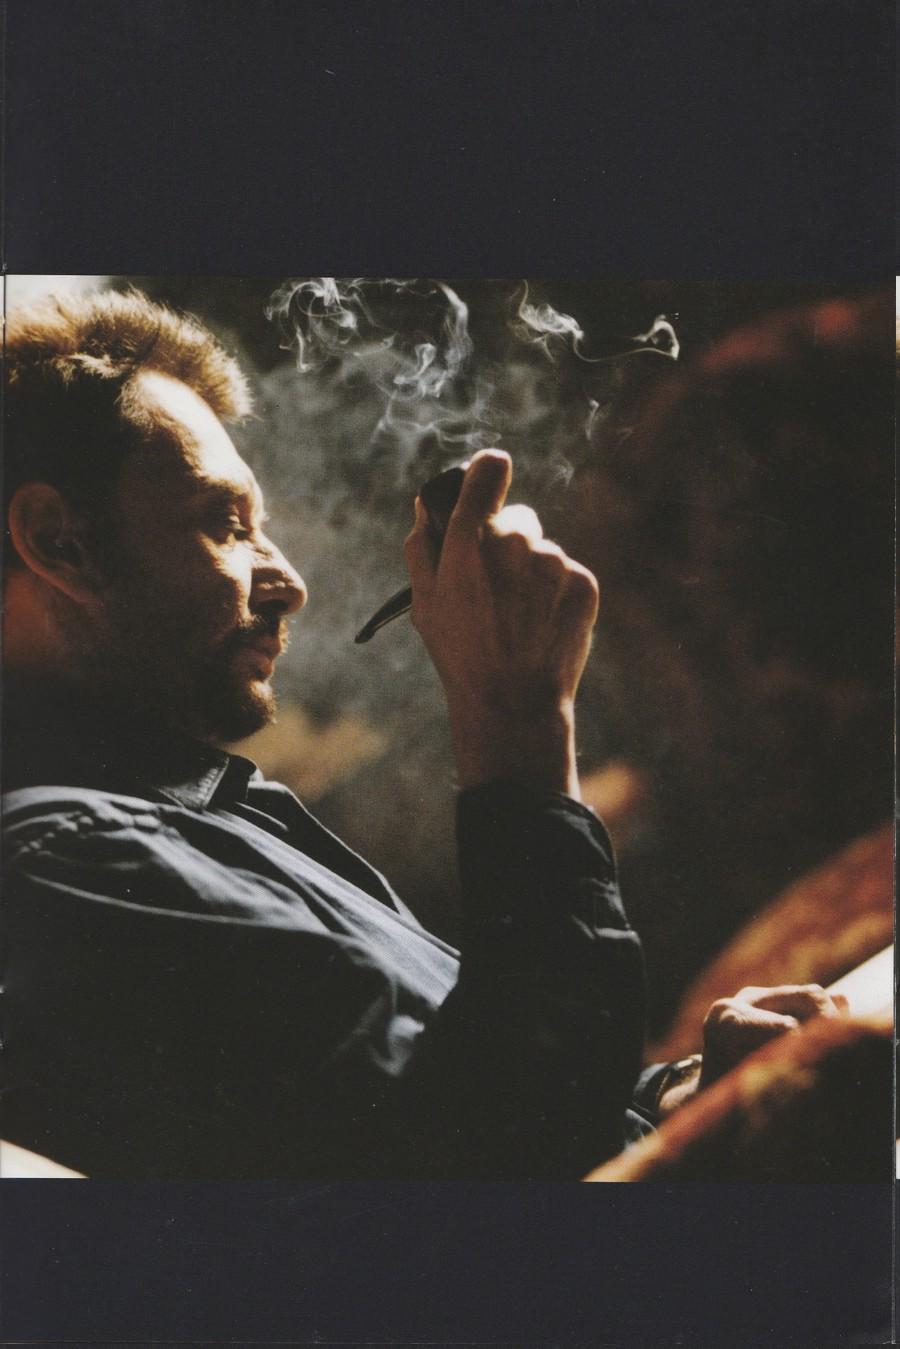 LES FILMS DE JOHNNY 'L'HOMME DU TRAIN' 2002 Img_2750